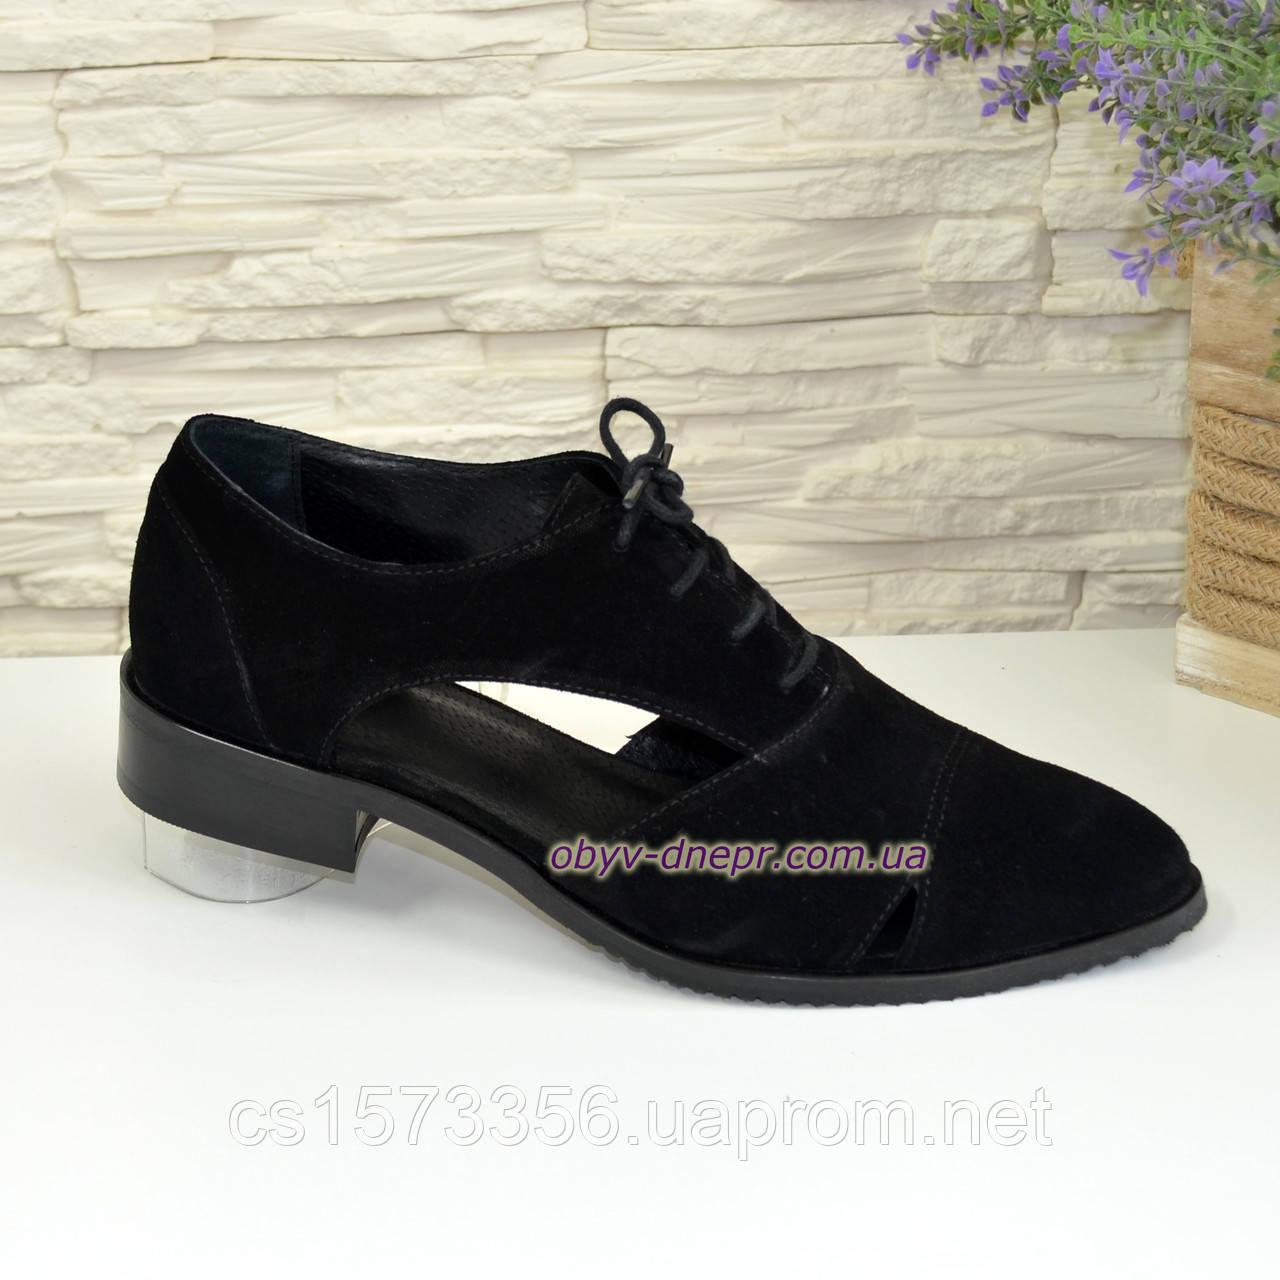 Замшевые туфли женские на низком ходу, цвет черный